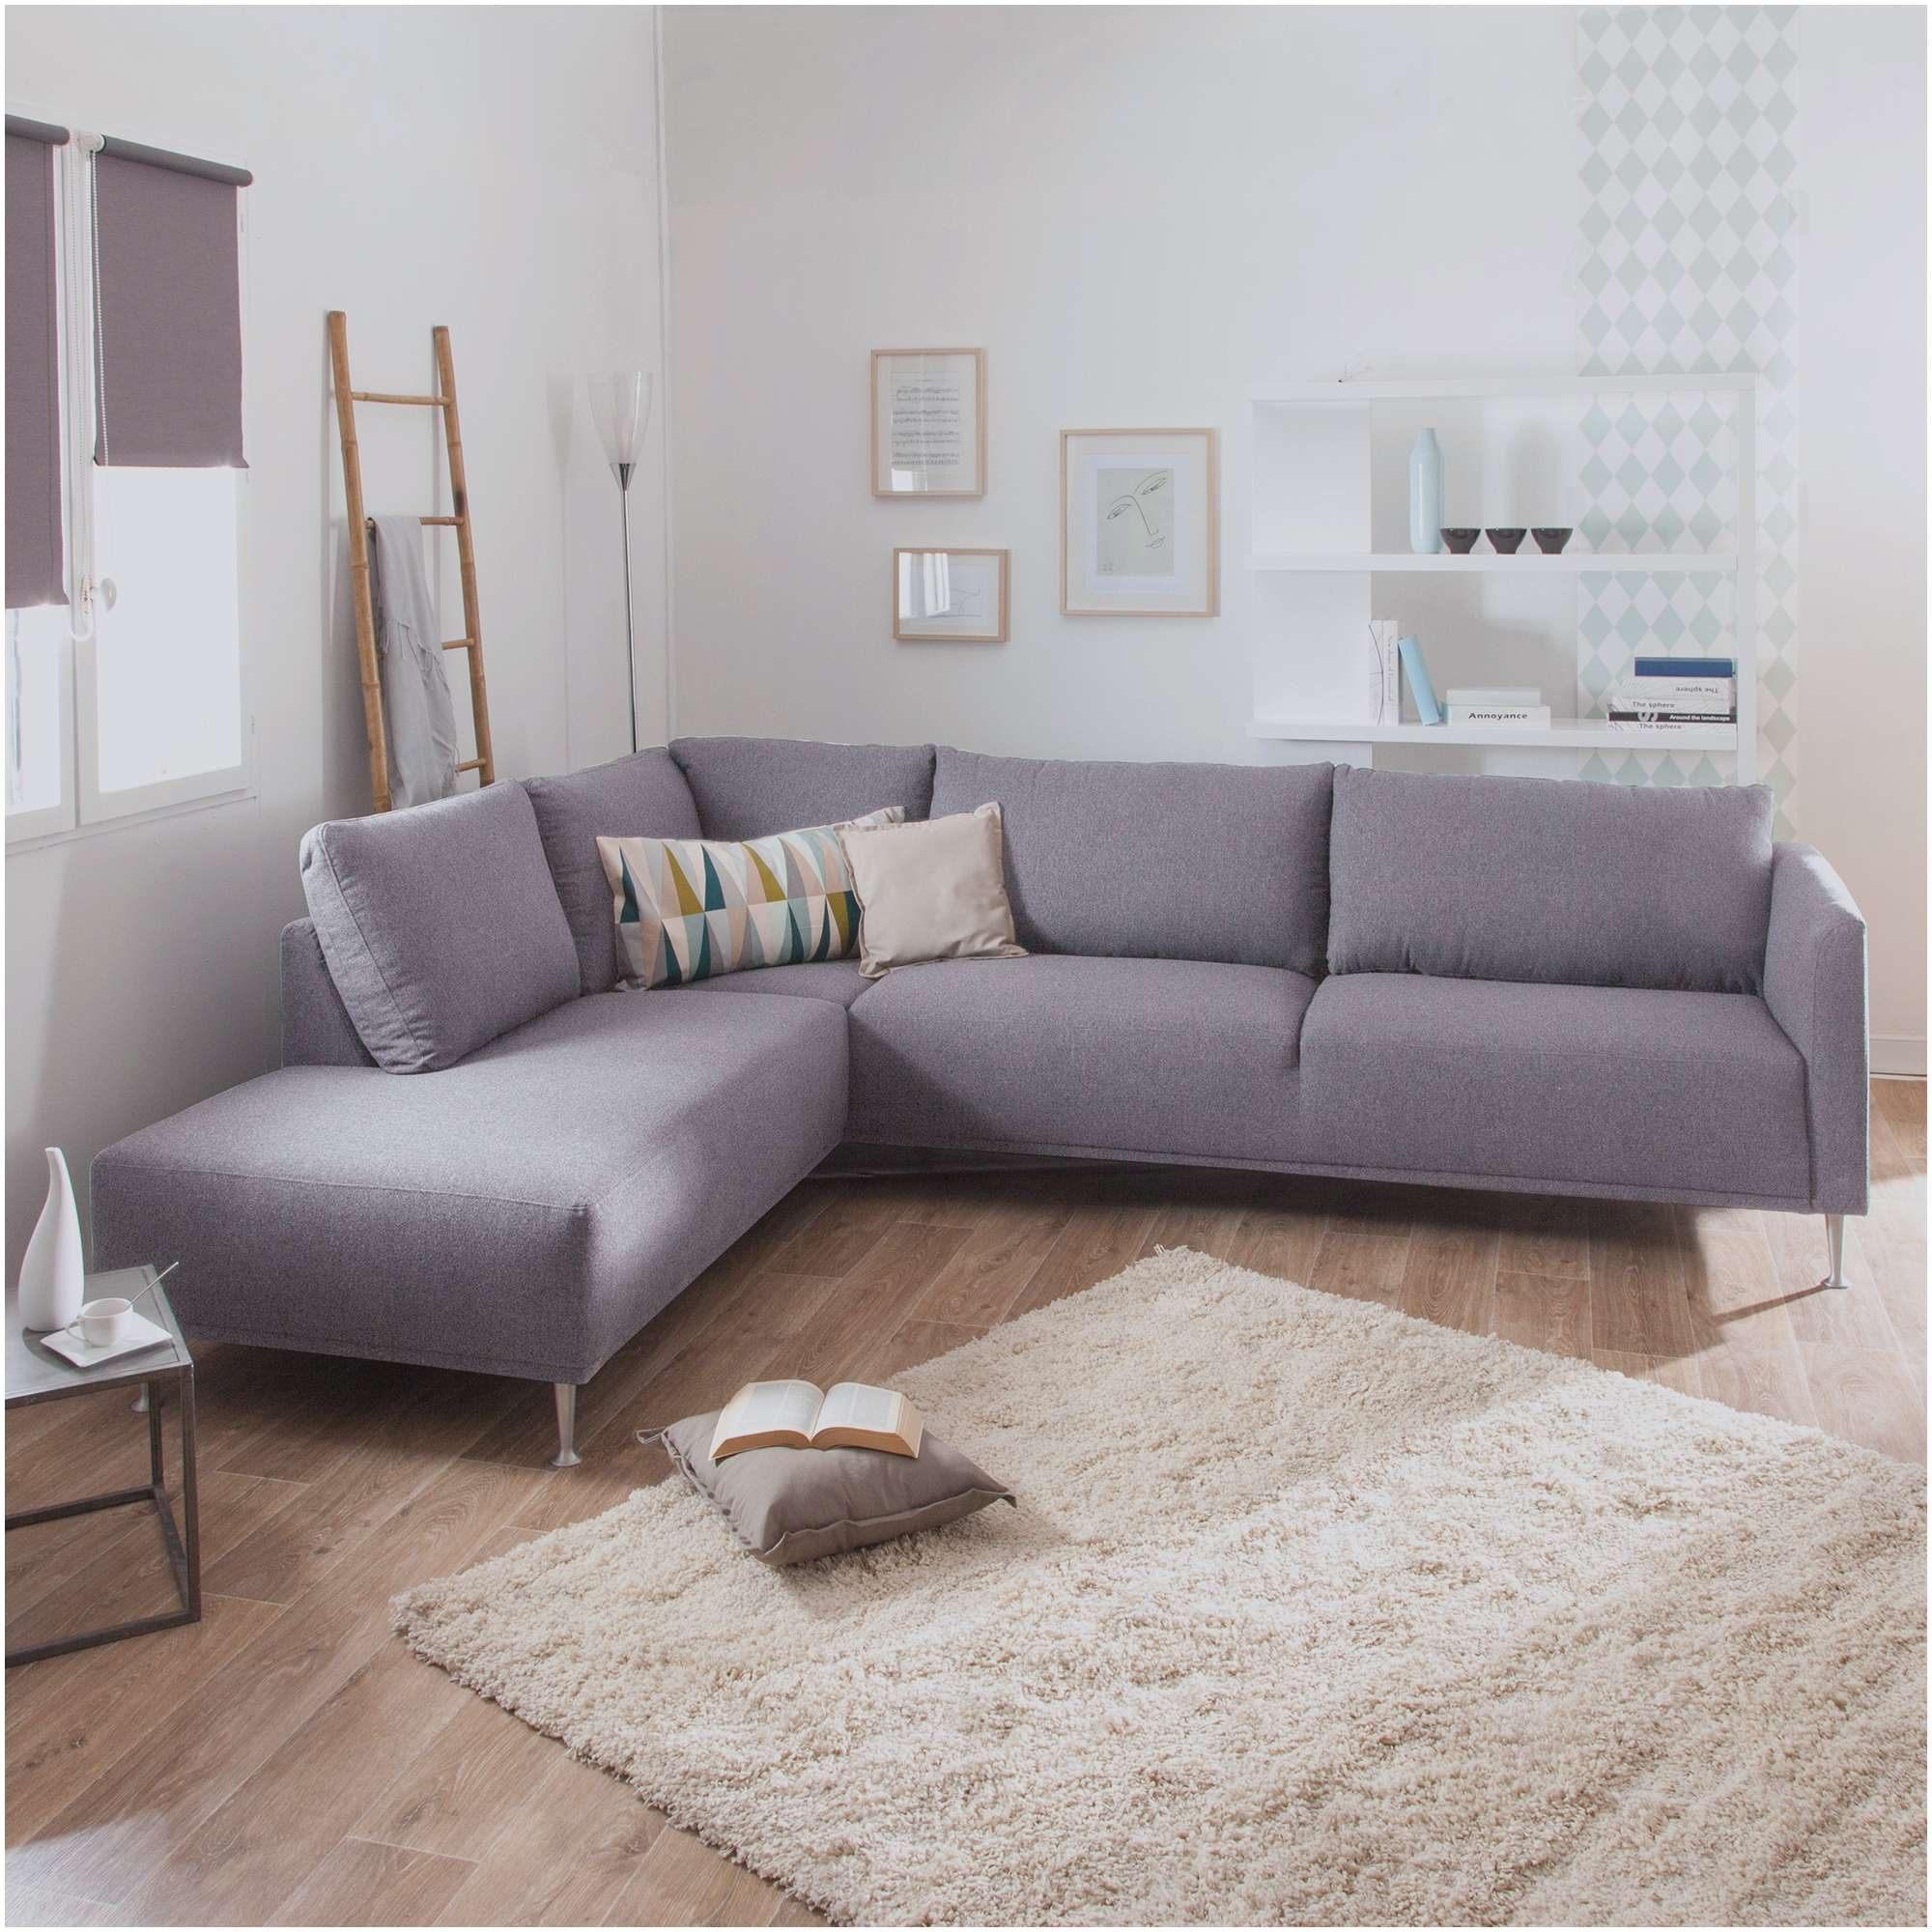 Canapé Lit Noir Impressionnant Elégant 32 Meilleures Canapé Convertible Simili Cuir Ikea Pour